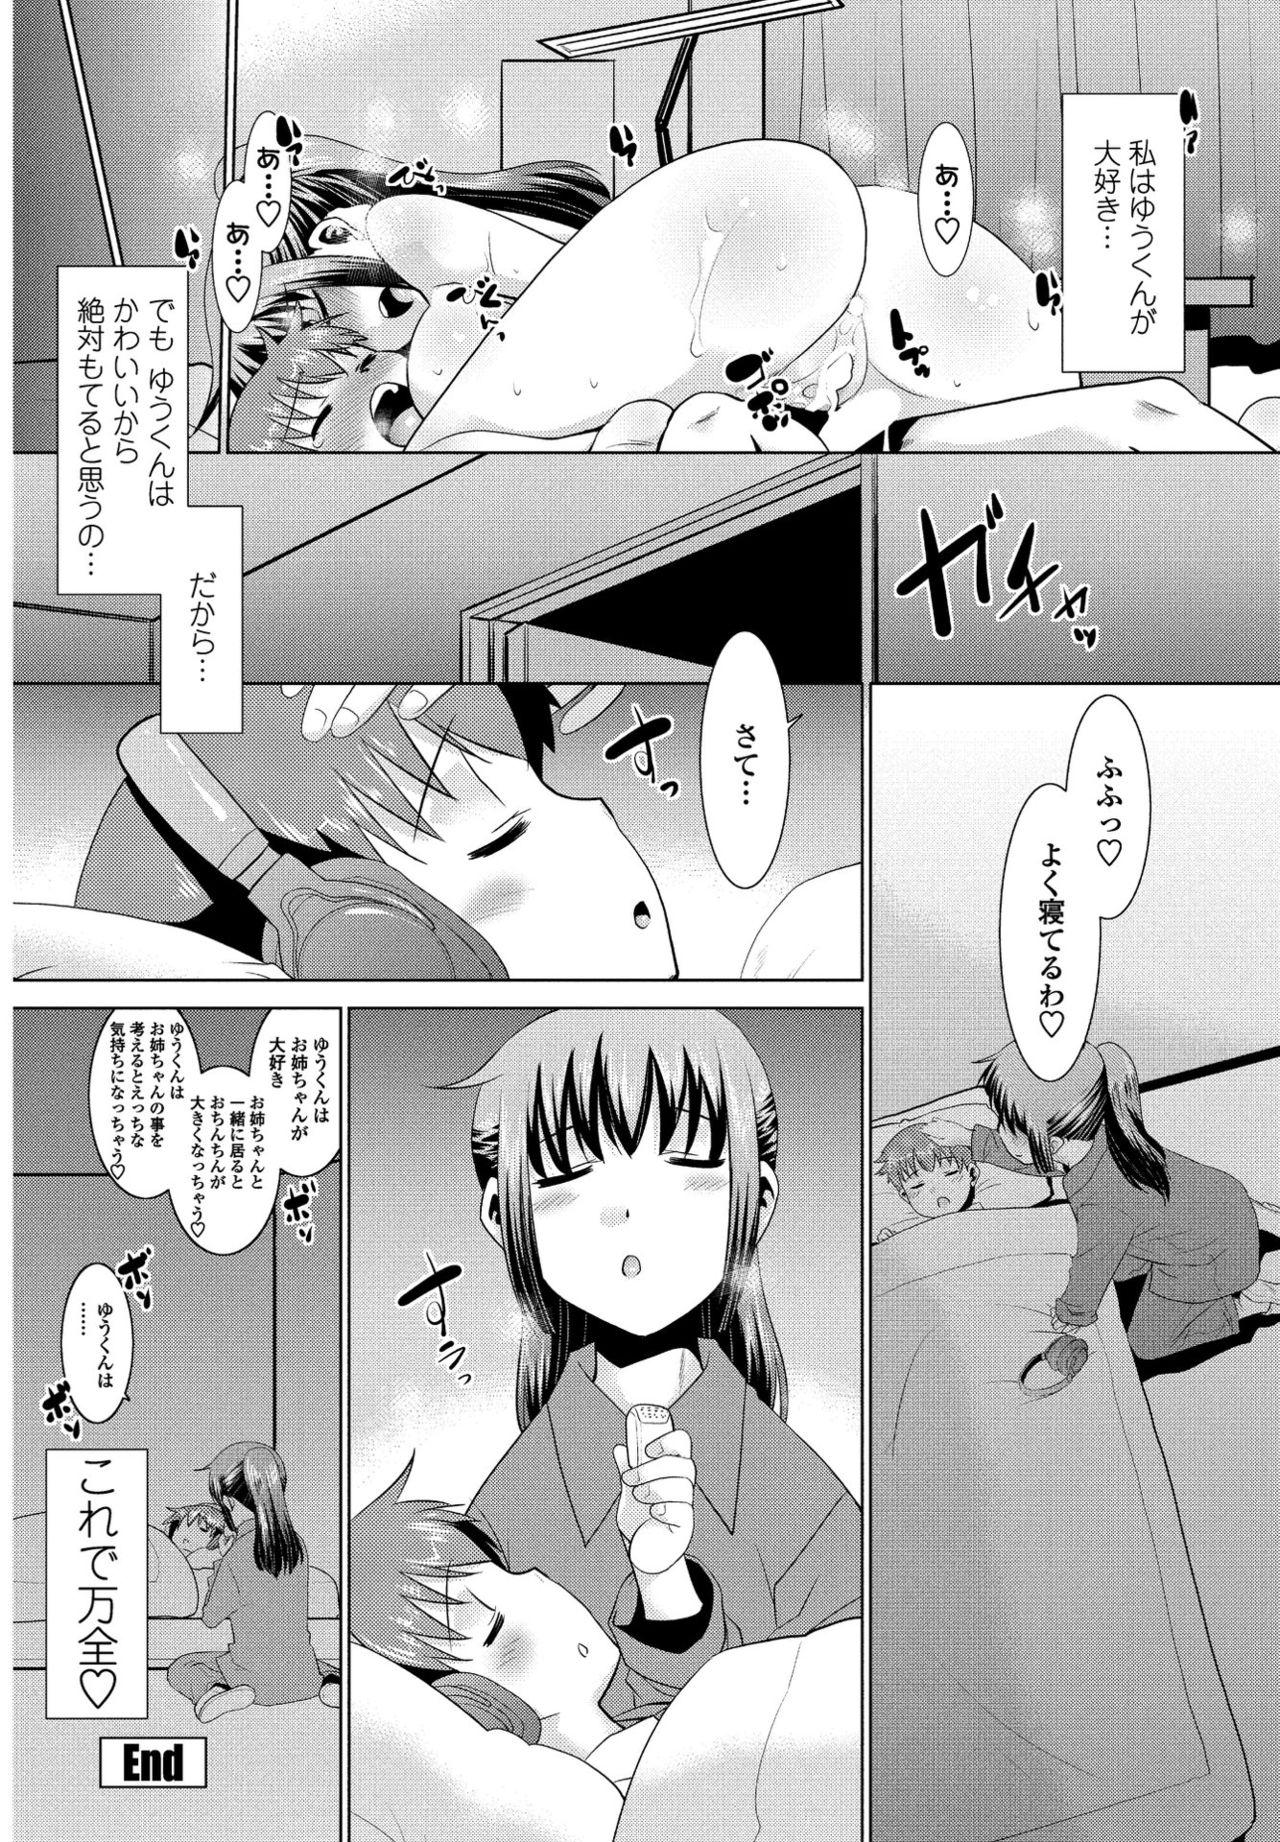 【エロ漫画】オナニーする従弟のチンコをフェラでお世話する巨乳の従姉…チンコの世話を断られ無理難題な条件を出してお互い初めての中出しセックス【猫玄:おおきくなぁれ】